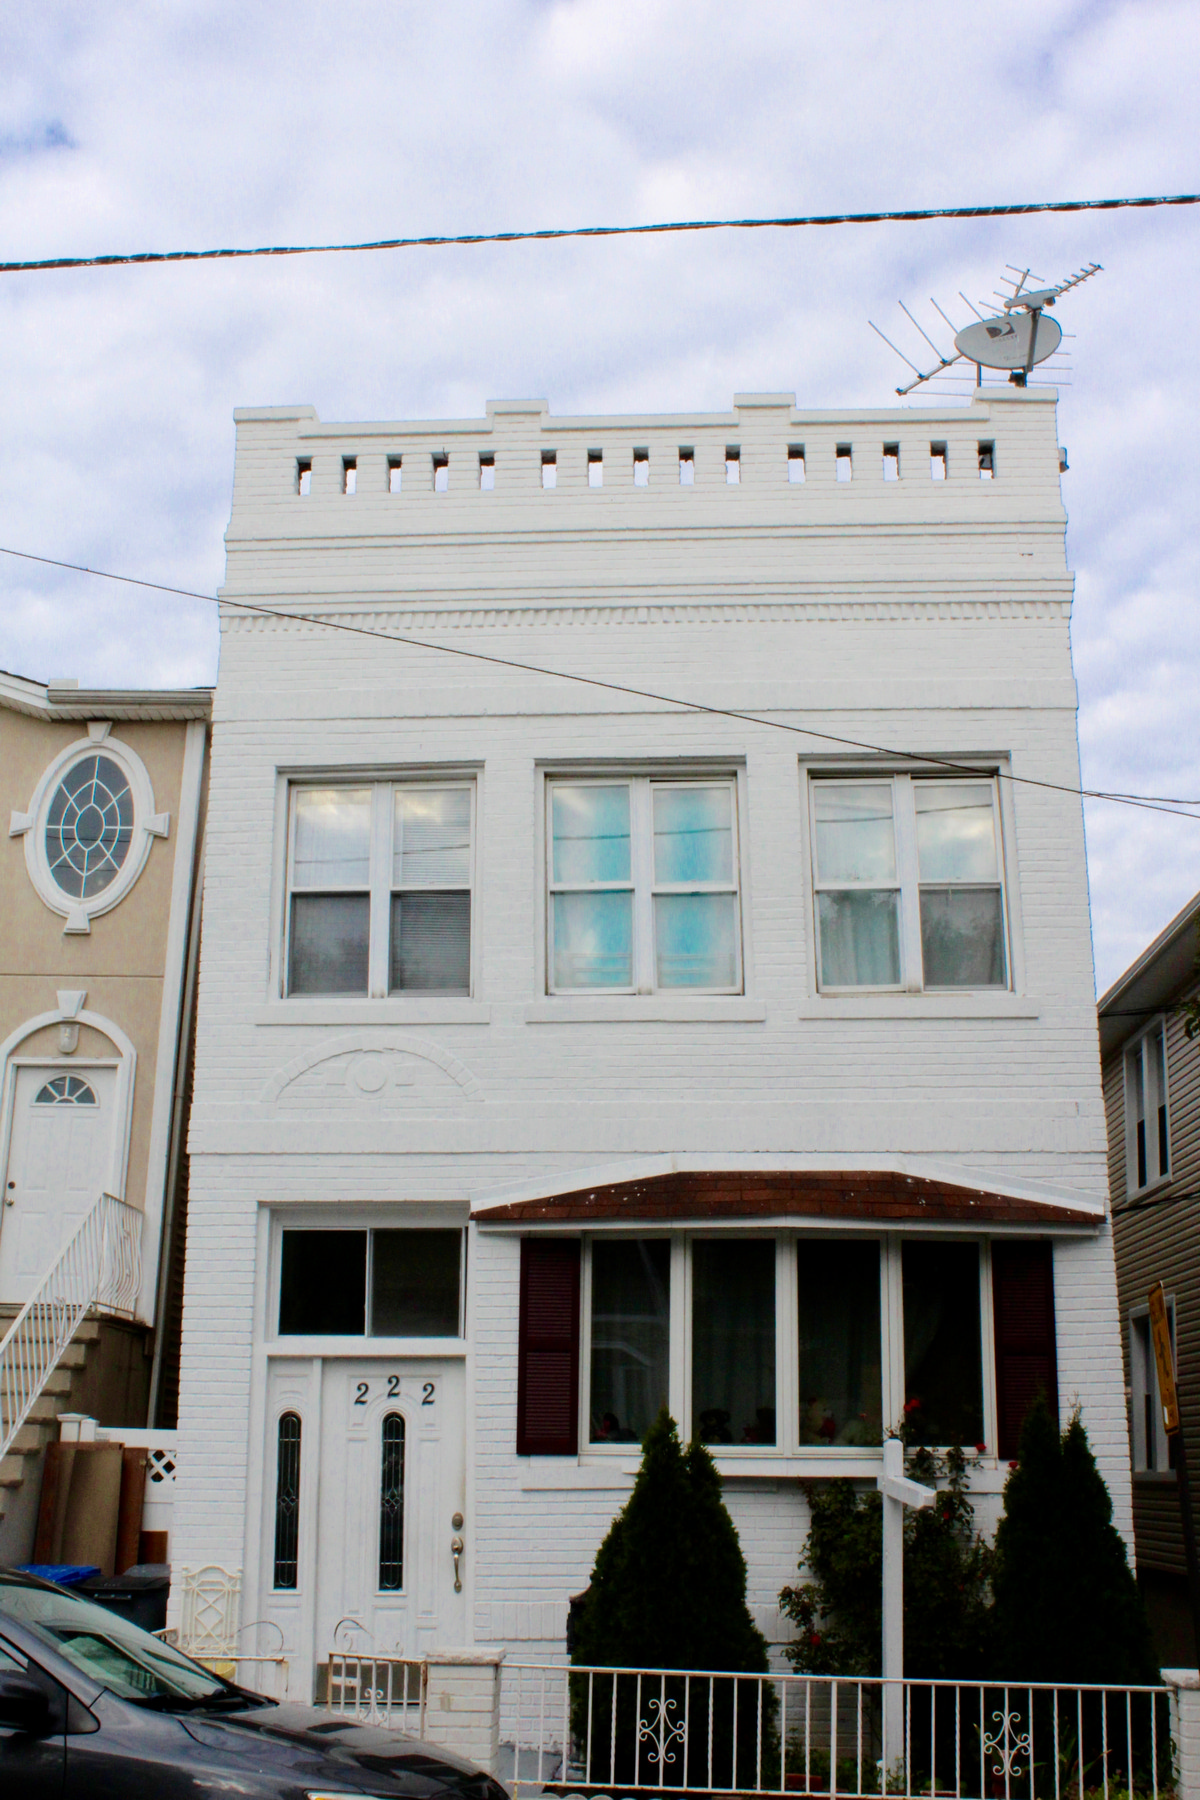 多户住宅 为 销售 在 Two-family income property in desirable area of North Bergen. 222 75th Street 北伯根, 07047 美国